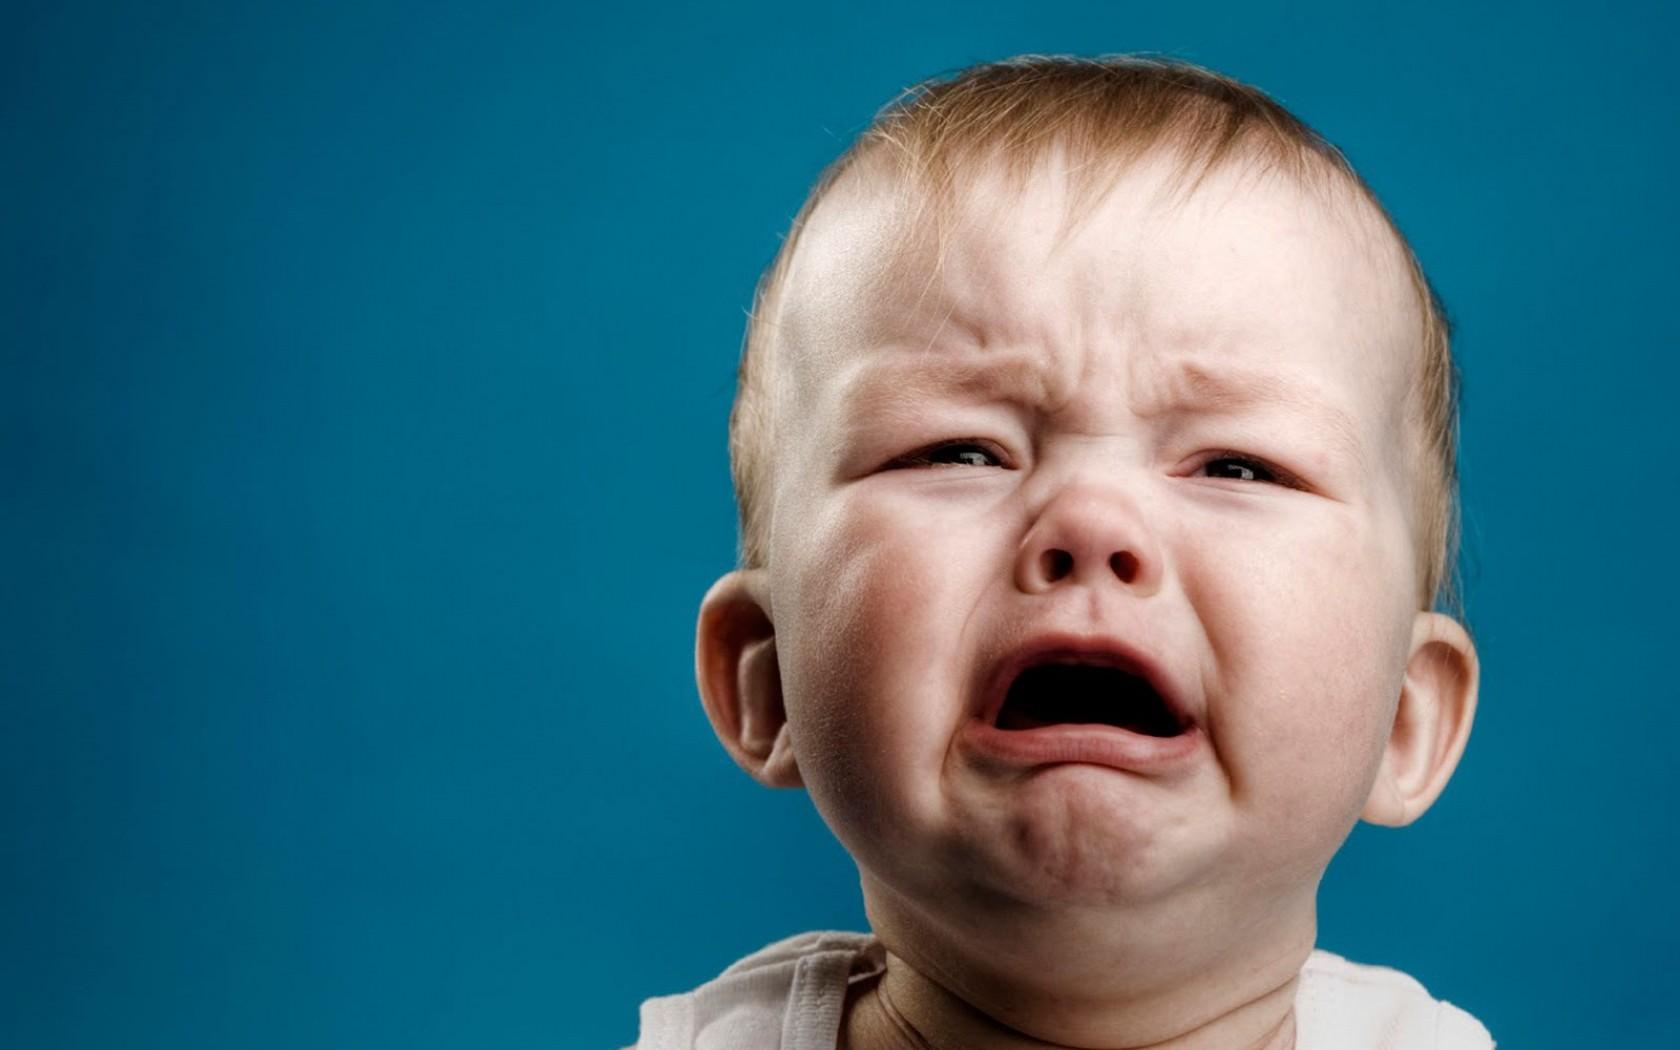 Hình ảnh bé buồn khóc